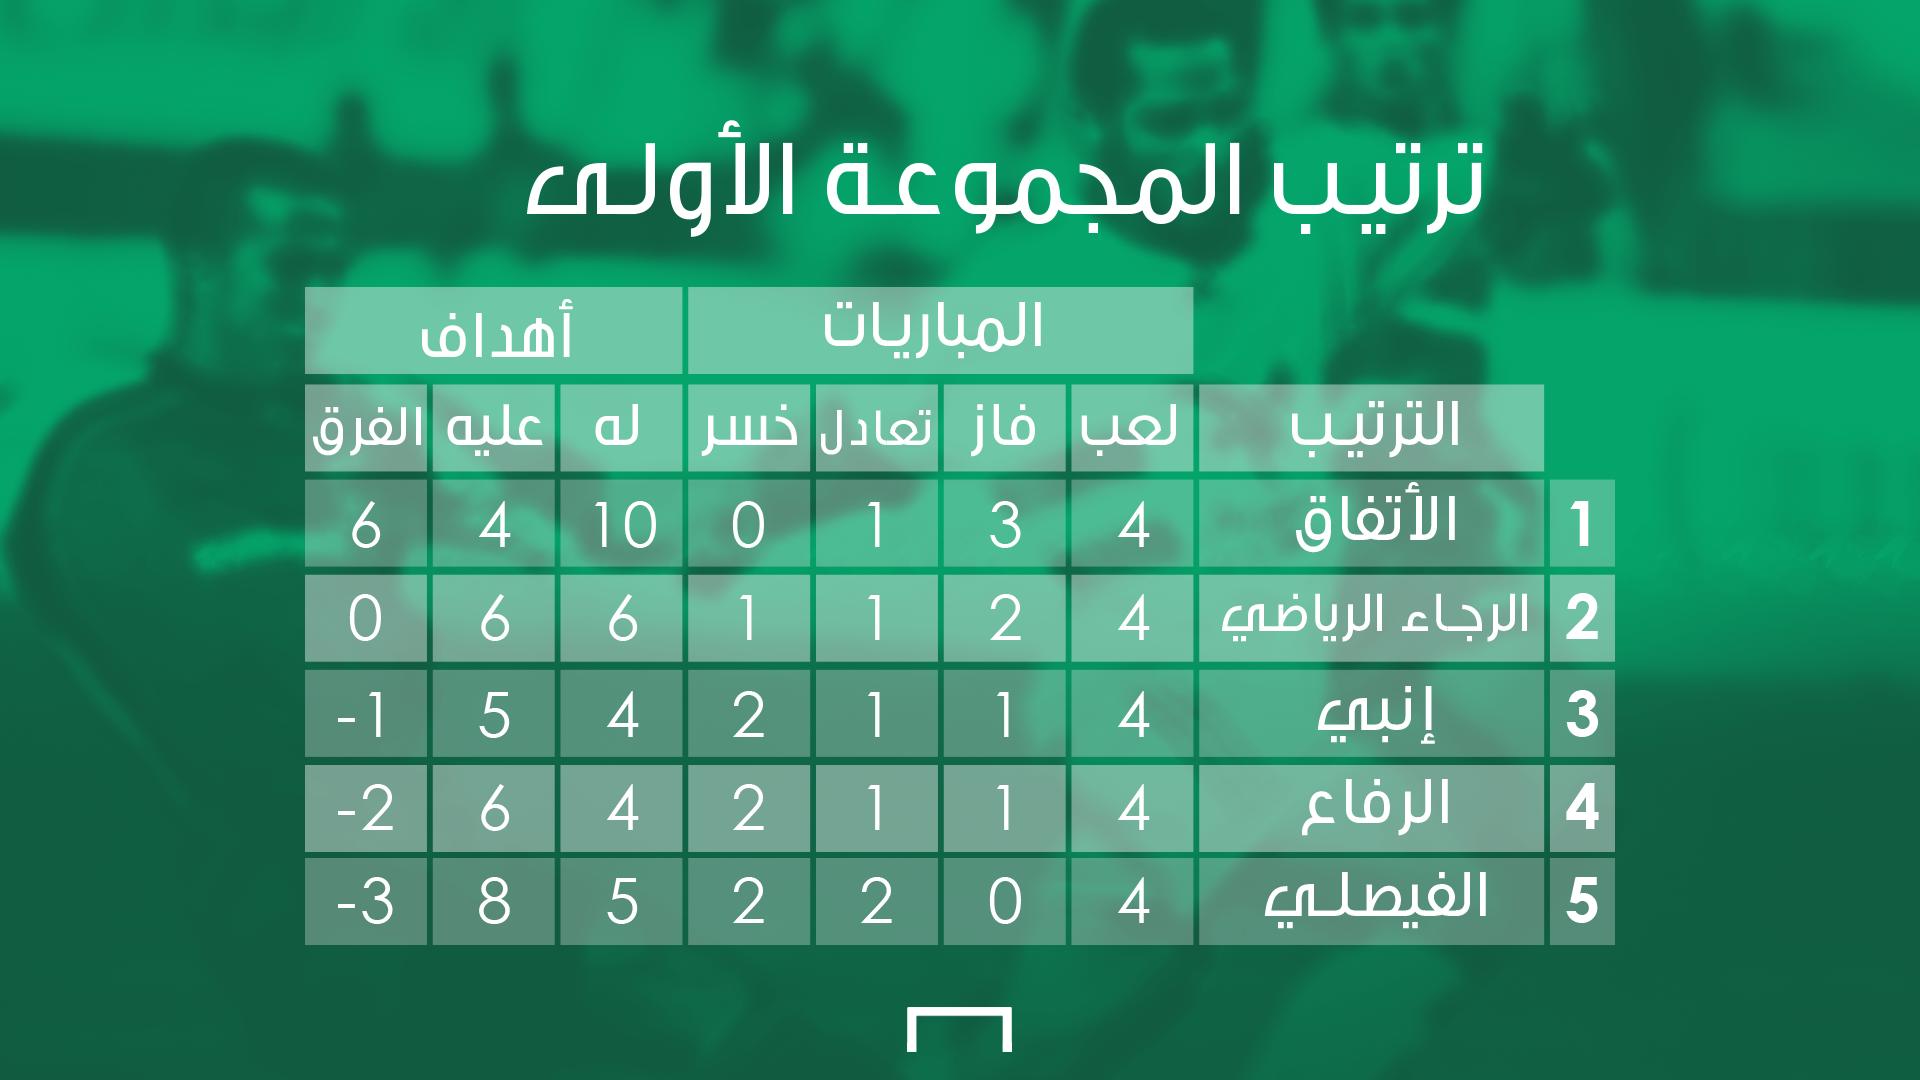 المجموعة الأولى - البطولة العربية 2003